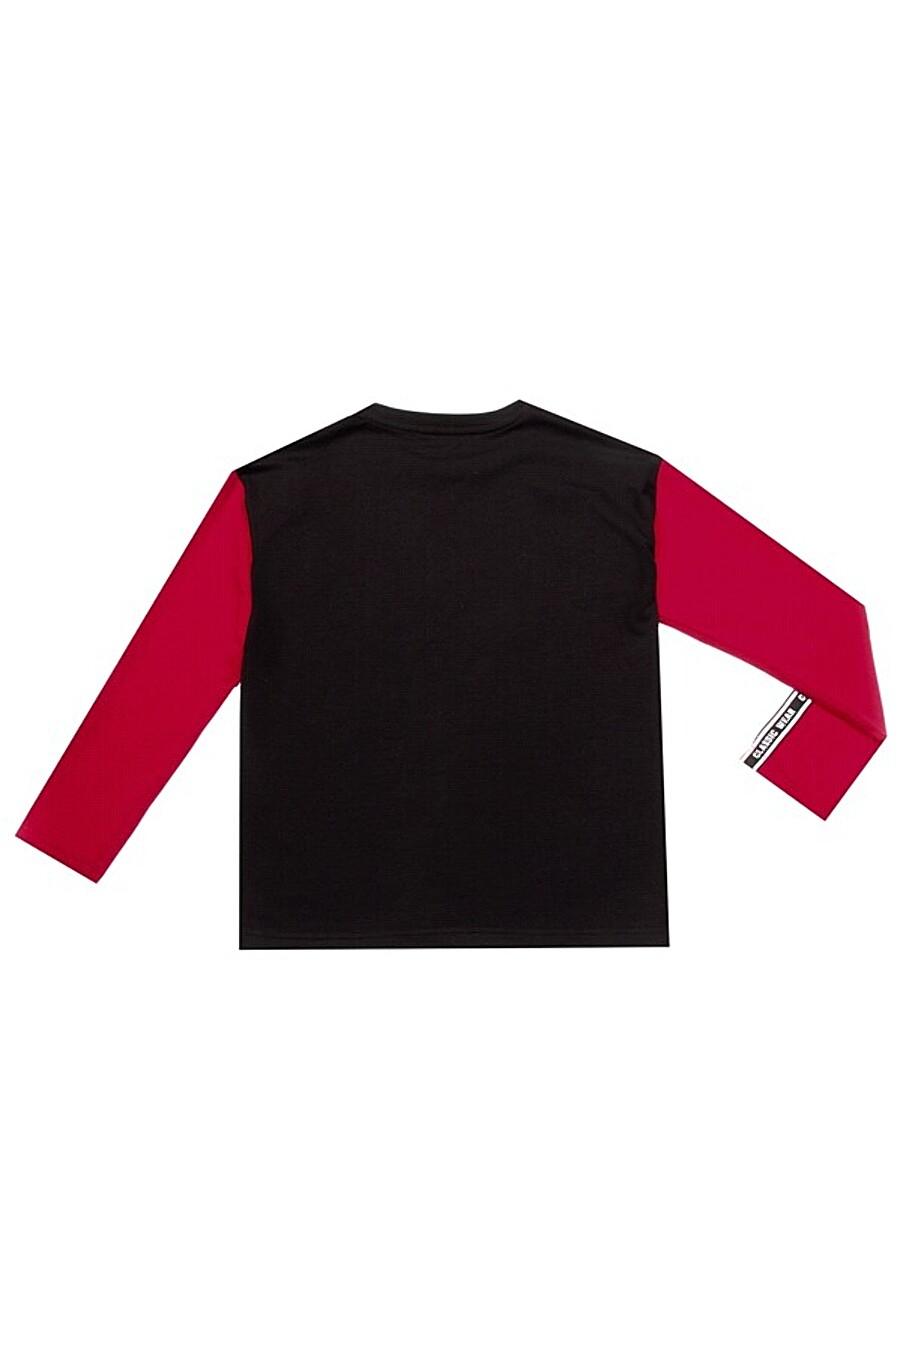 Свитшот для мальчиков Archi 158491 купить оптом от производителя. Совместная покупка детской одежды в OptMoyo